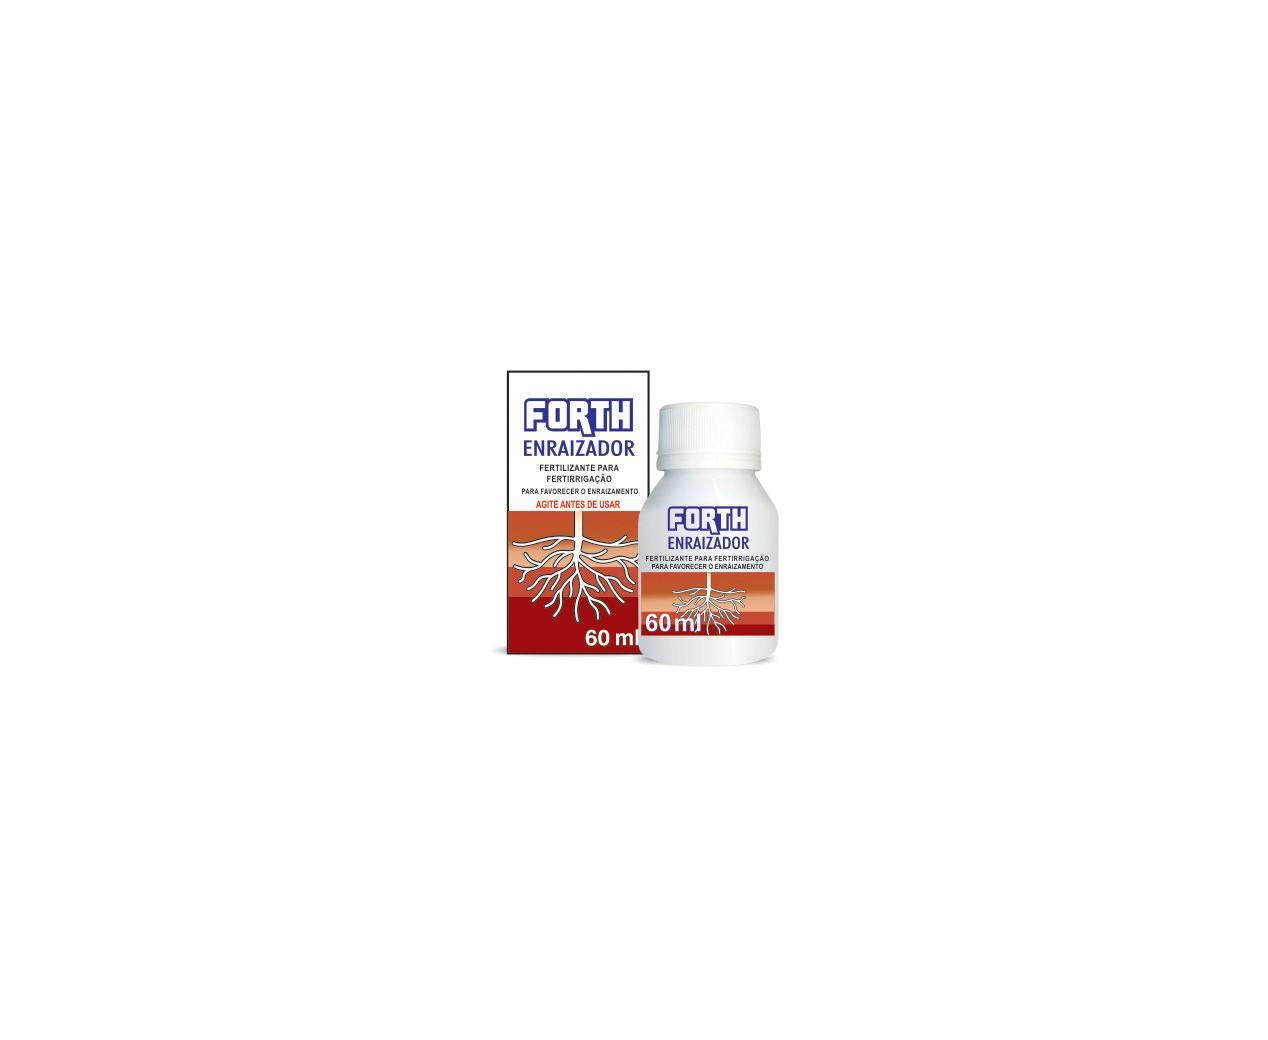 Adubo Fertilizante FORTH Enraizador Liquido Conc. 60ml